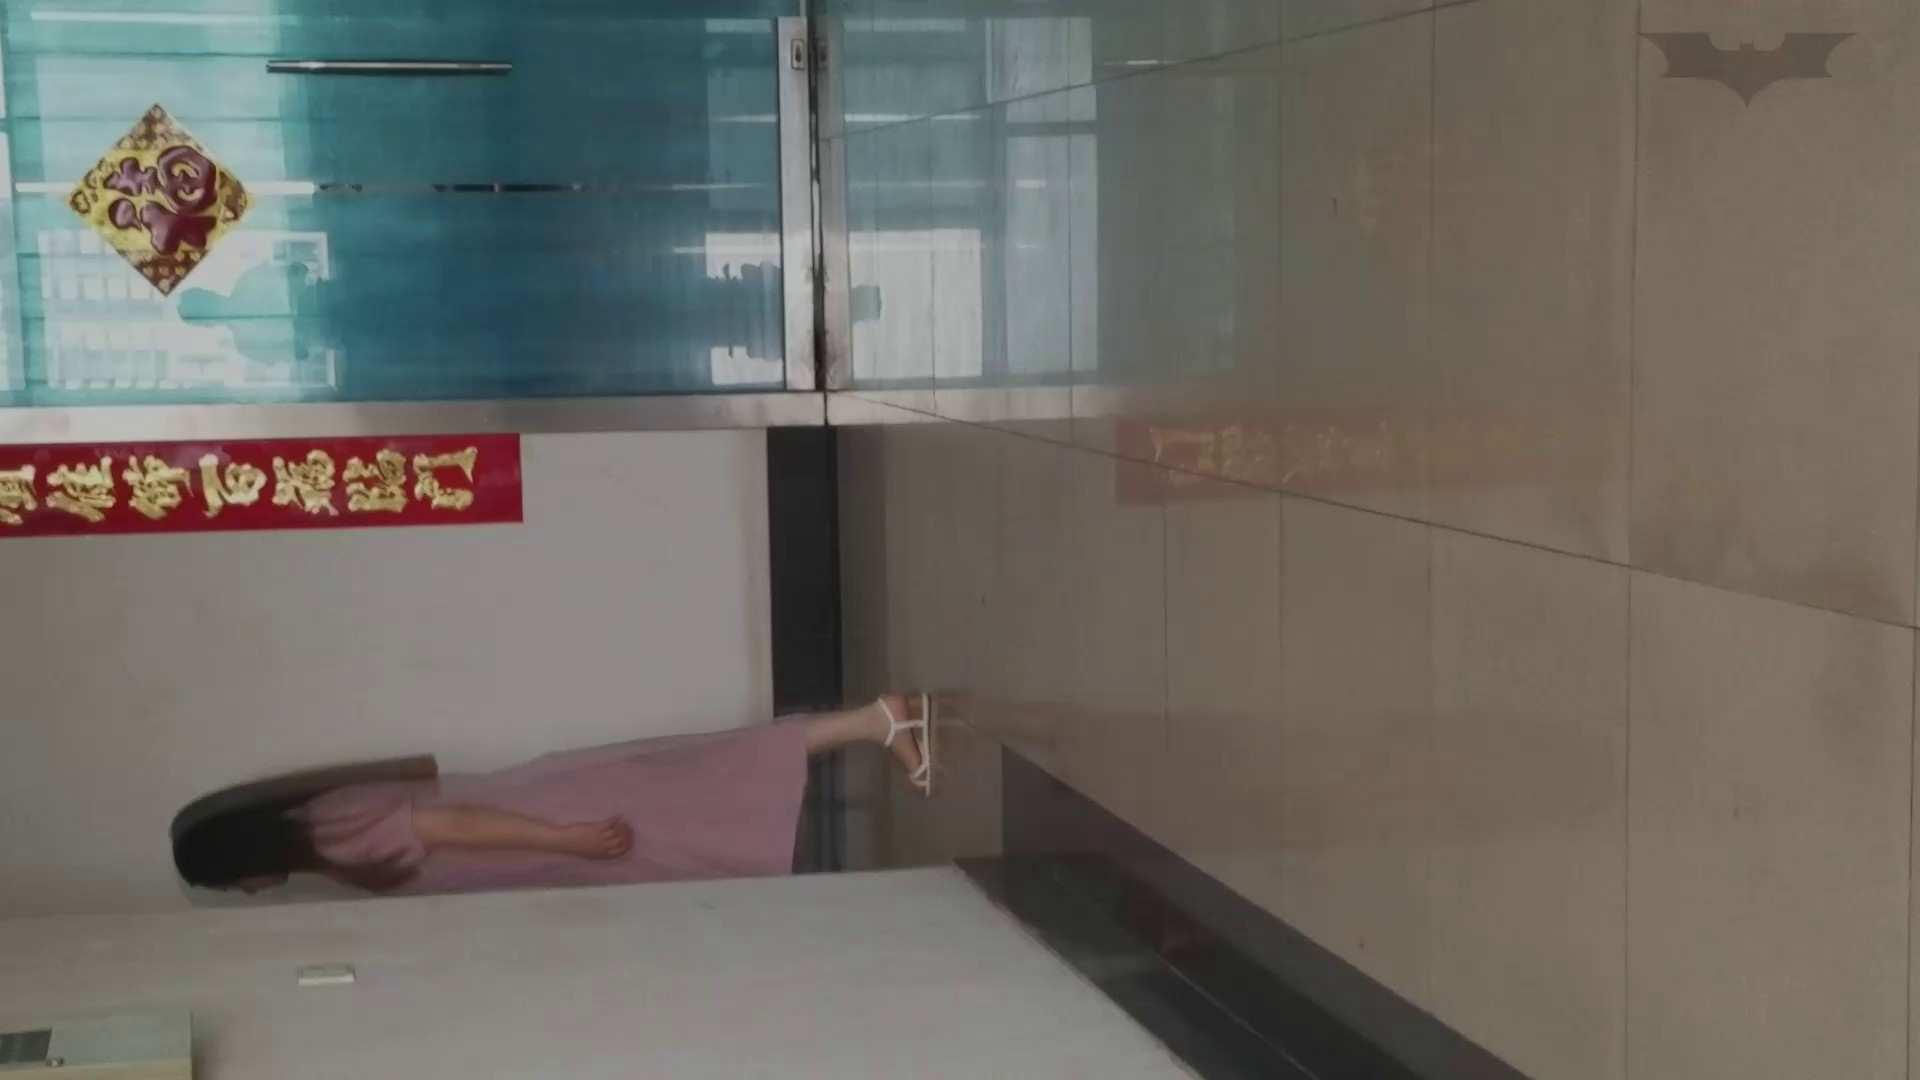 JD盗撮 美女の洗面所の秘密 Vol.70 エッチなOL | 盗撮  111枚 106